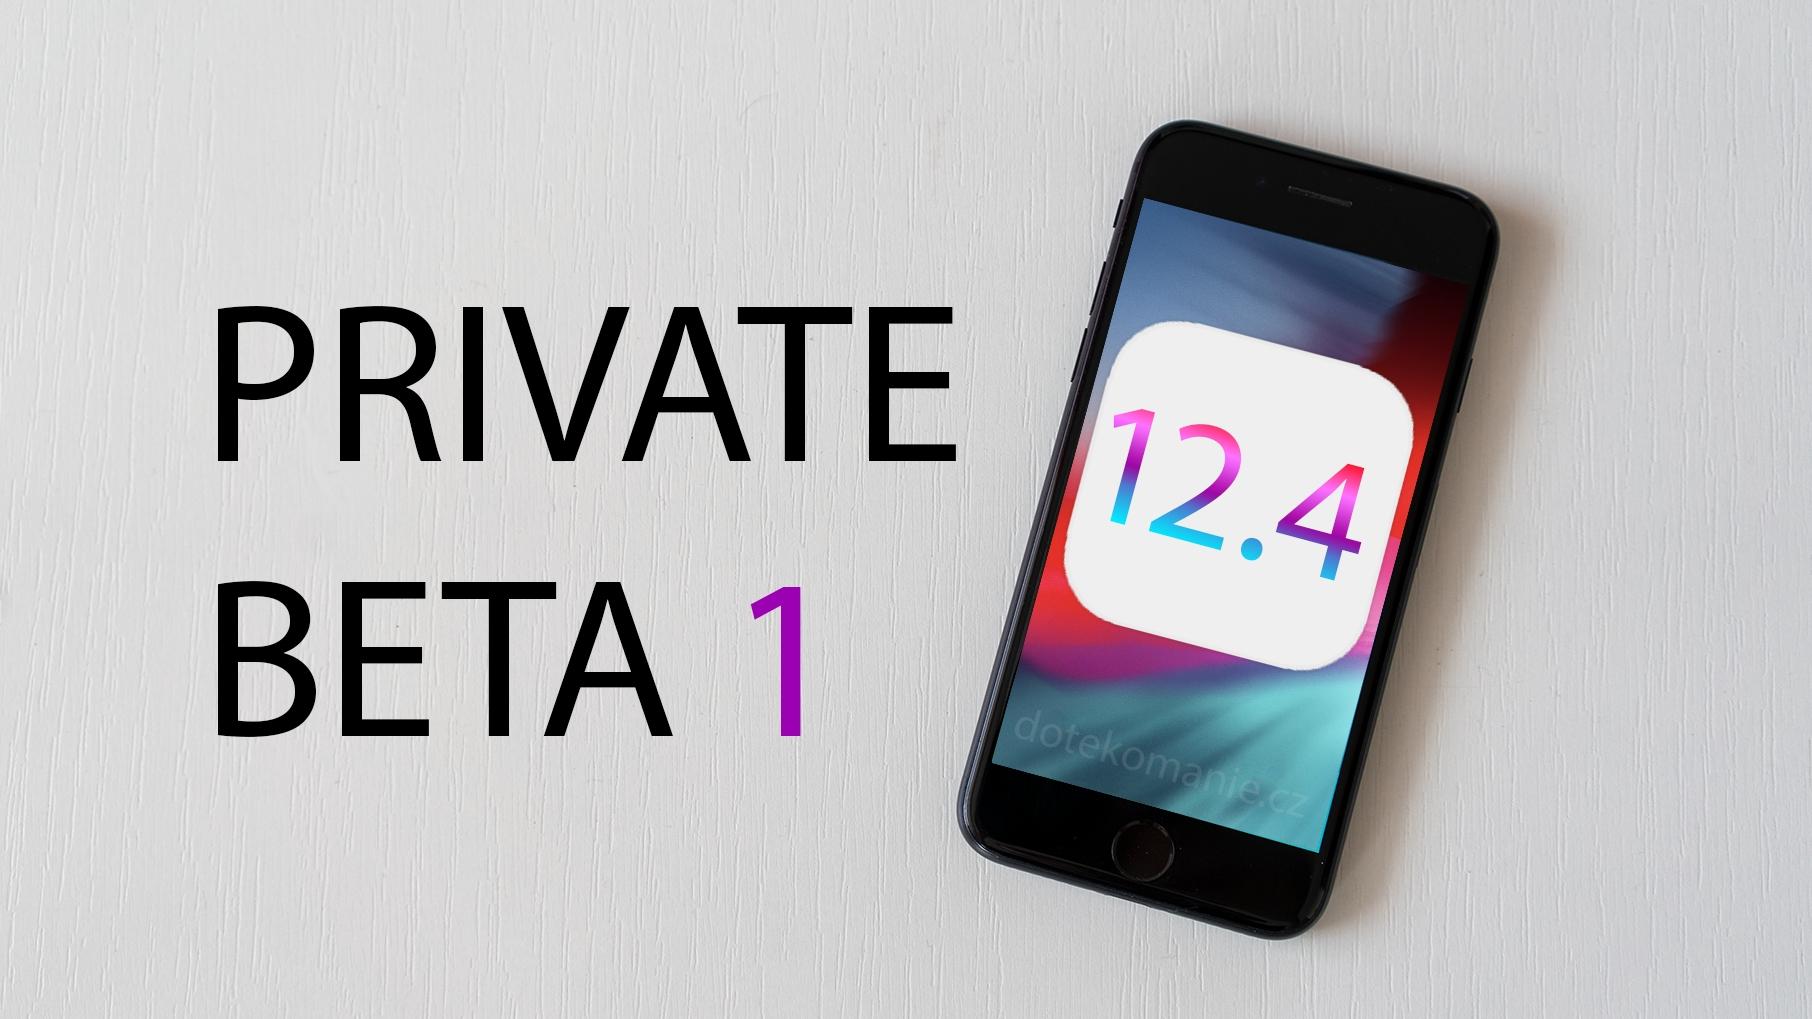 Dočkali jsme se první bety iOS 12.4, ta je nyní k dispozici ke stažení